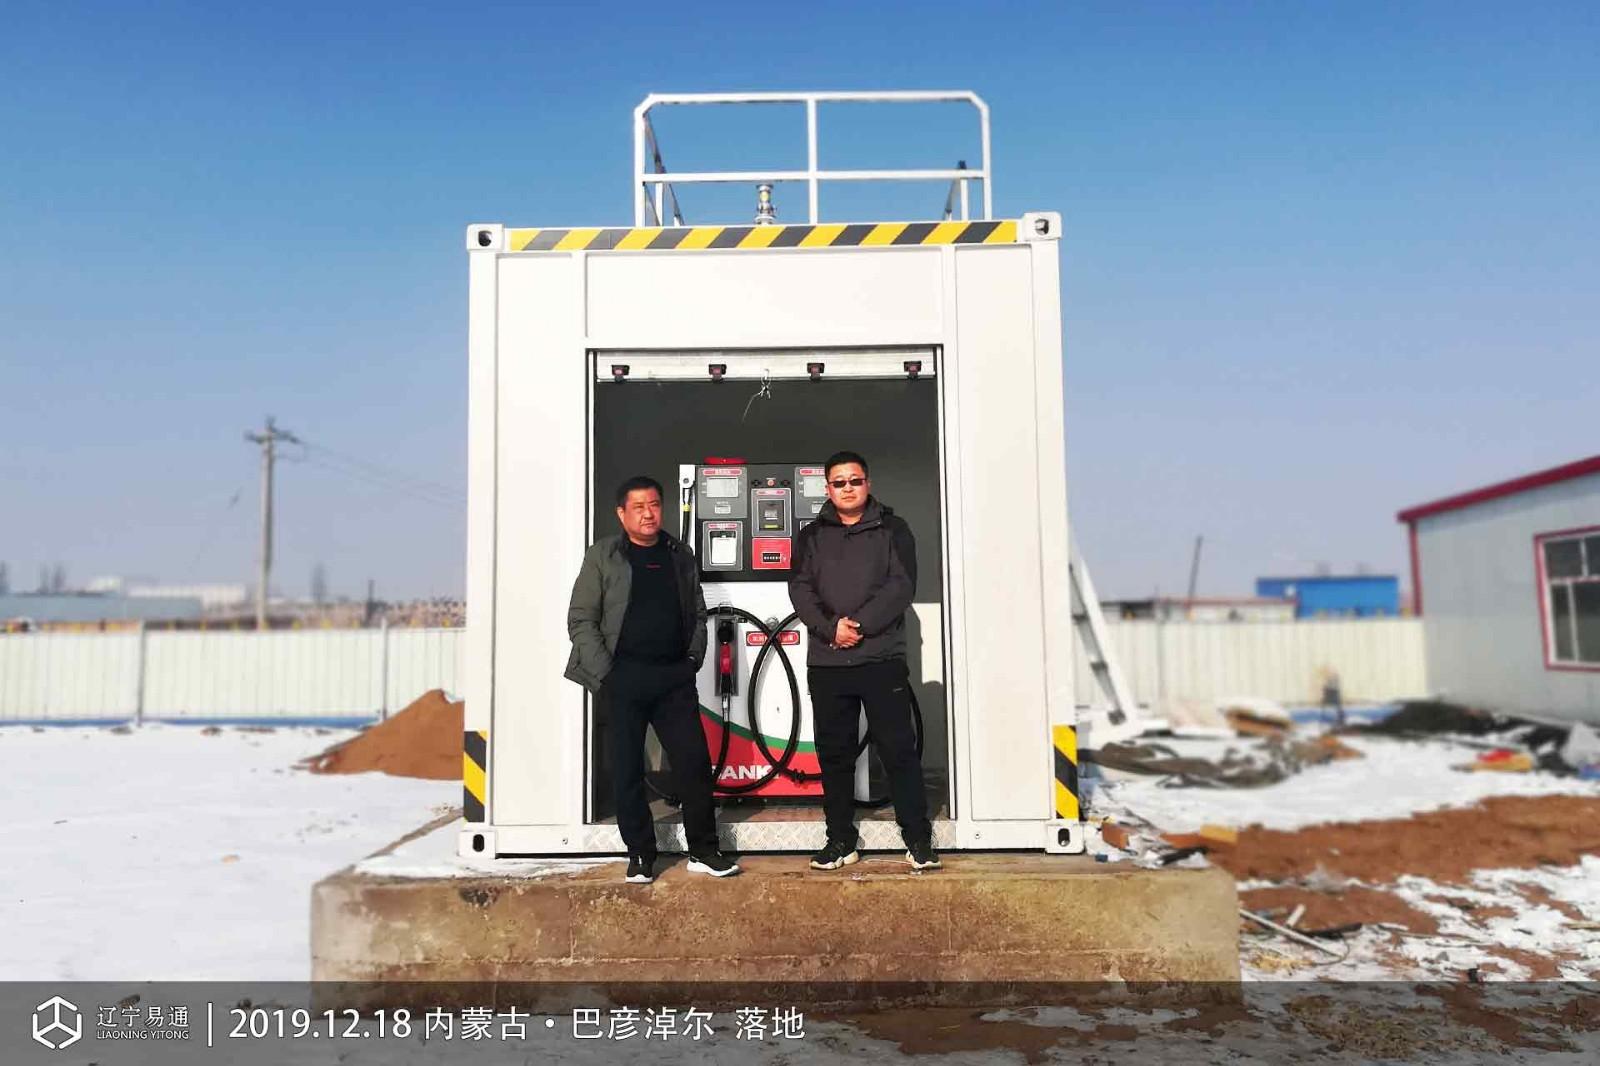 2019年11月18日 辽宁易通撬装manbetx万博站在内蒙古巴彦淖尔安装成功